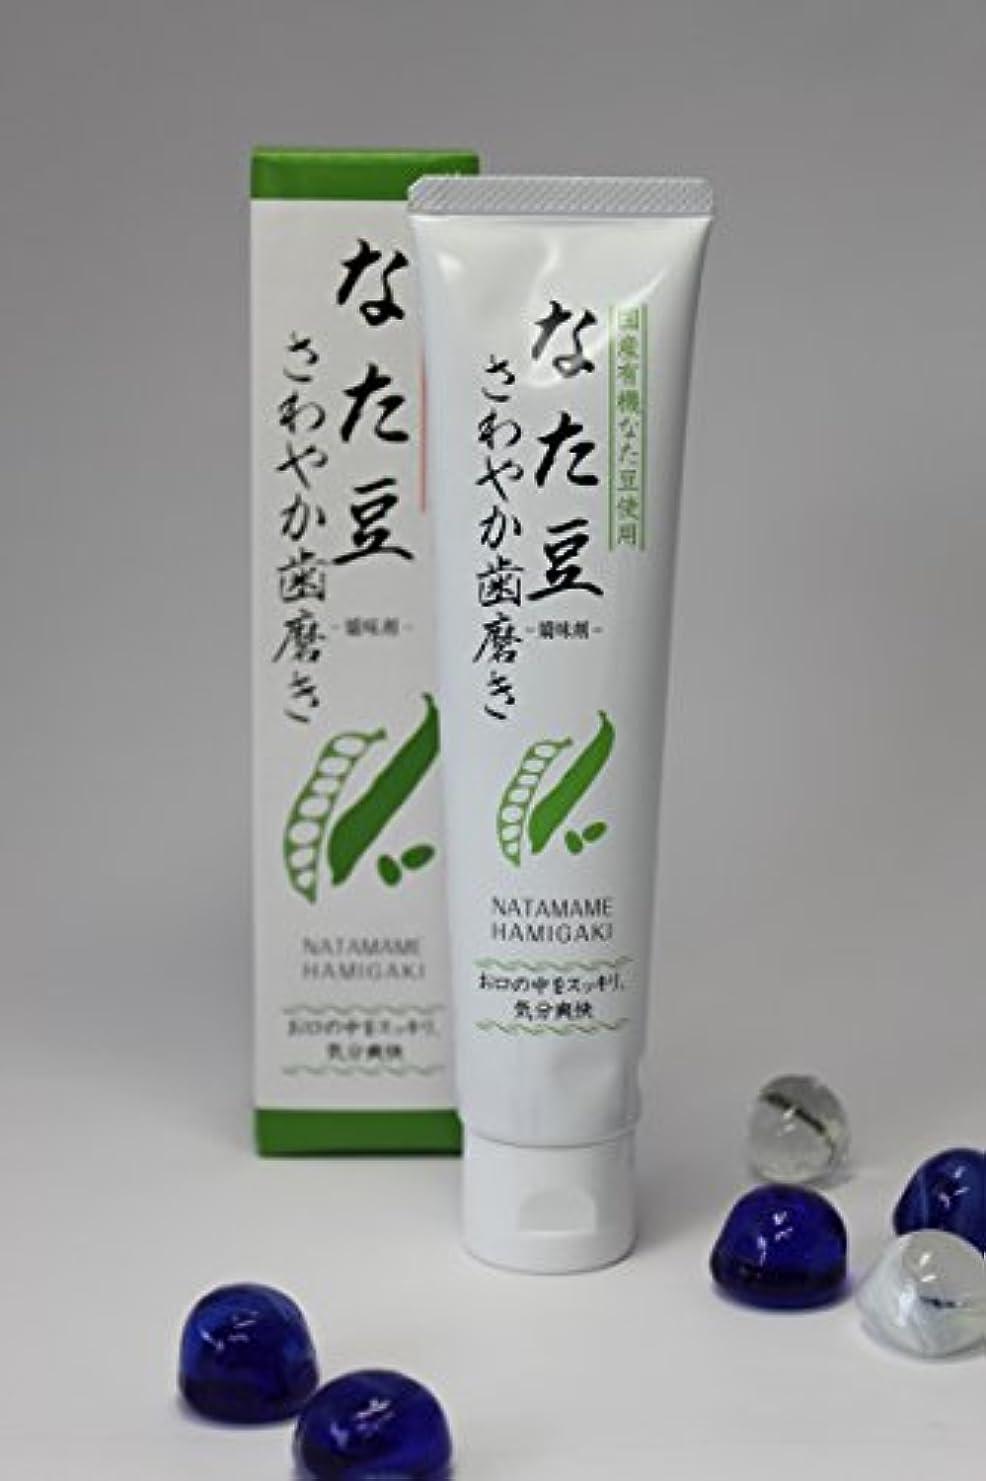 悩みイタリック晩餐アスカ(大阪) なた豆さわやか歯磨き 120g